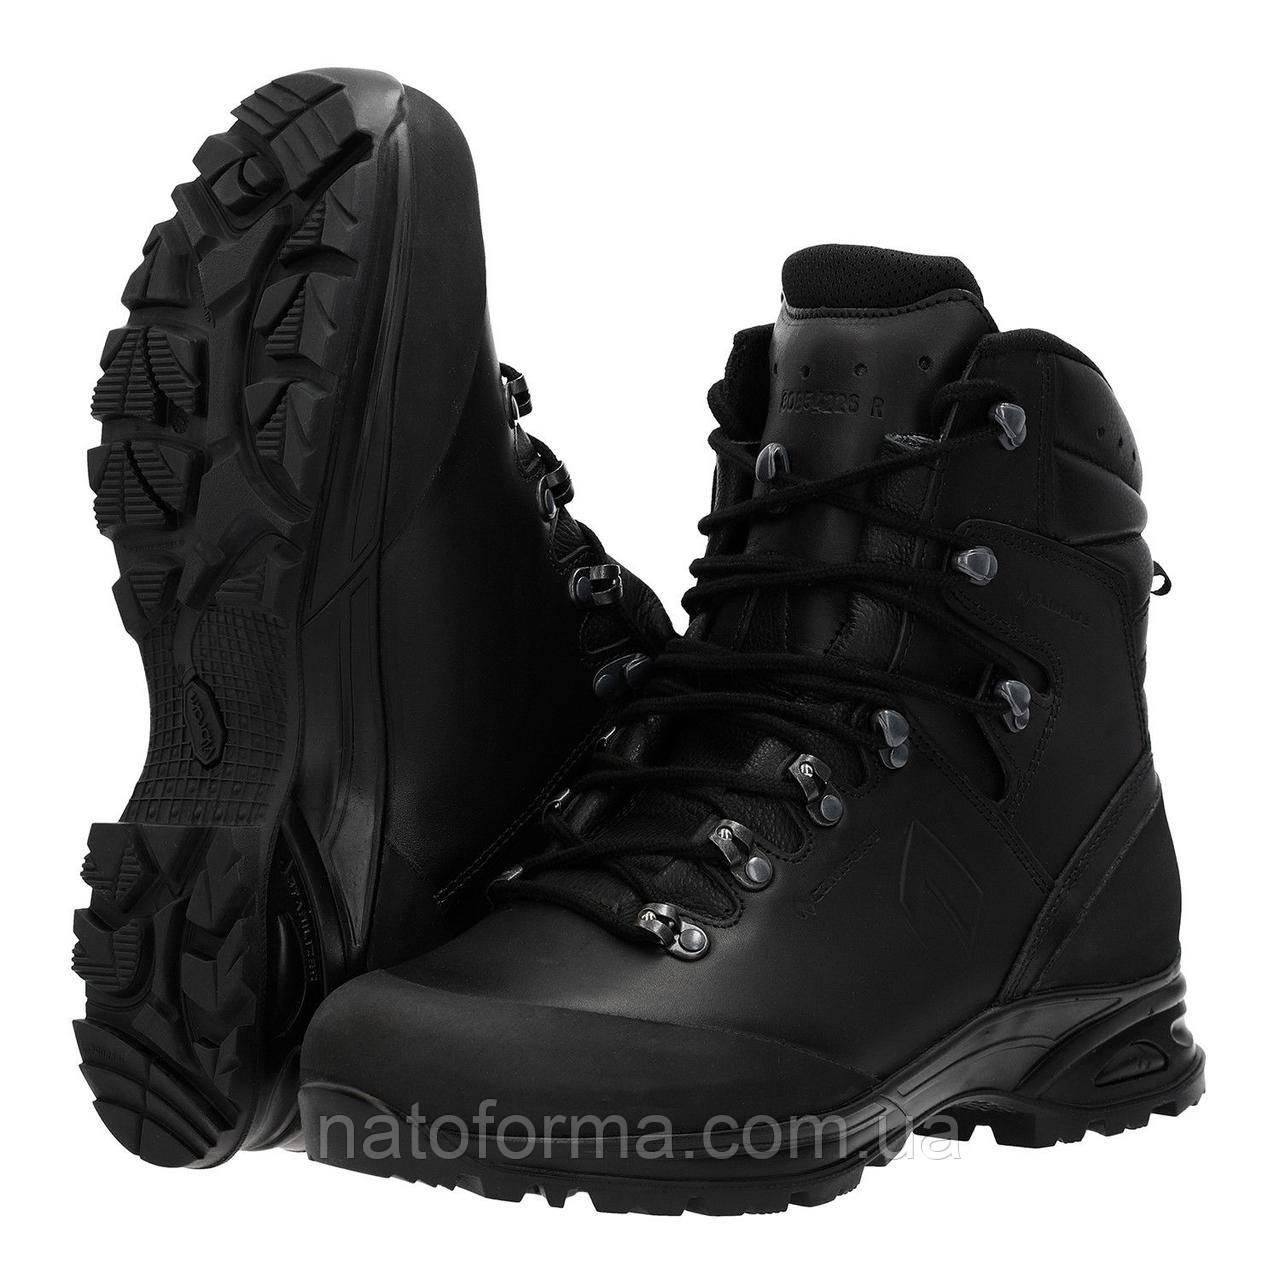 Ботинки тактические Haix BW Combat Boots (Model 2018), 1-й сорт